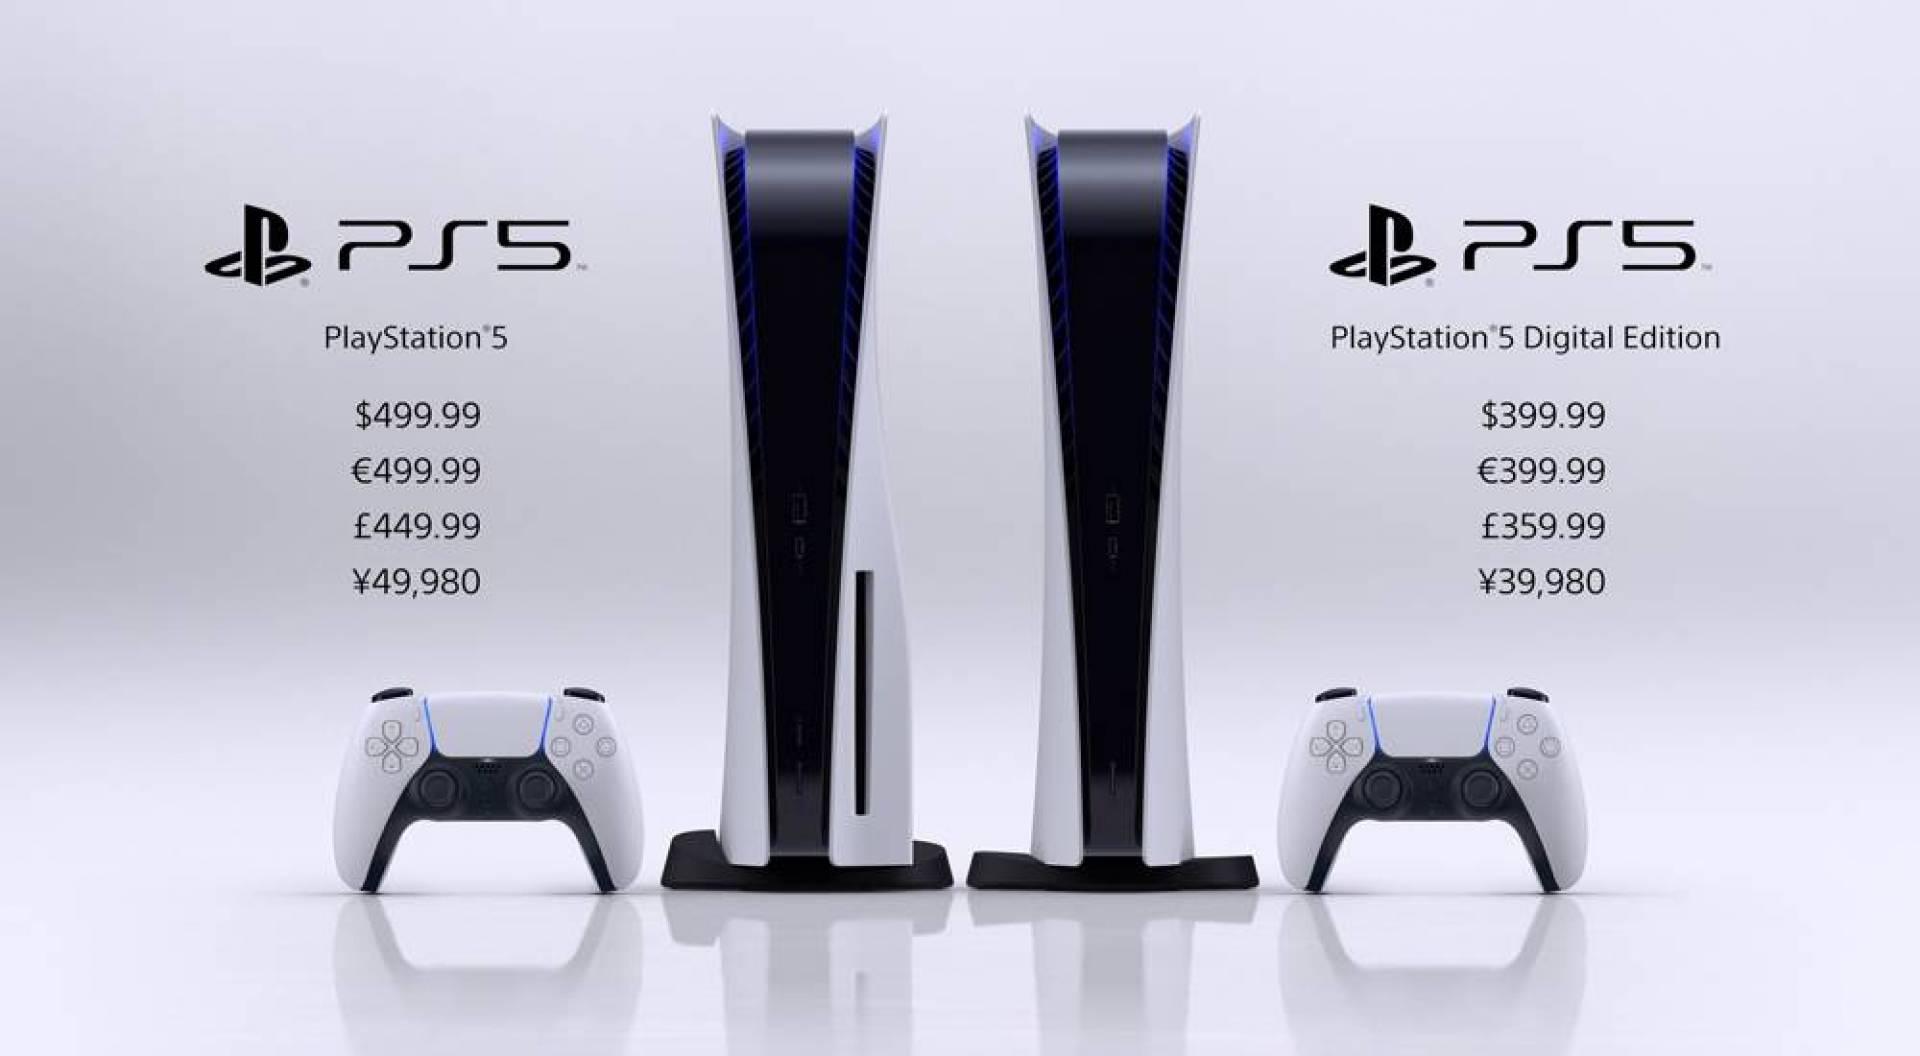 «سوني» تطرح جهاز «PlayStation 5» في 12 نوفمبر بسعر يبدأ من 400 دولار